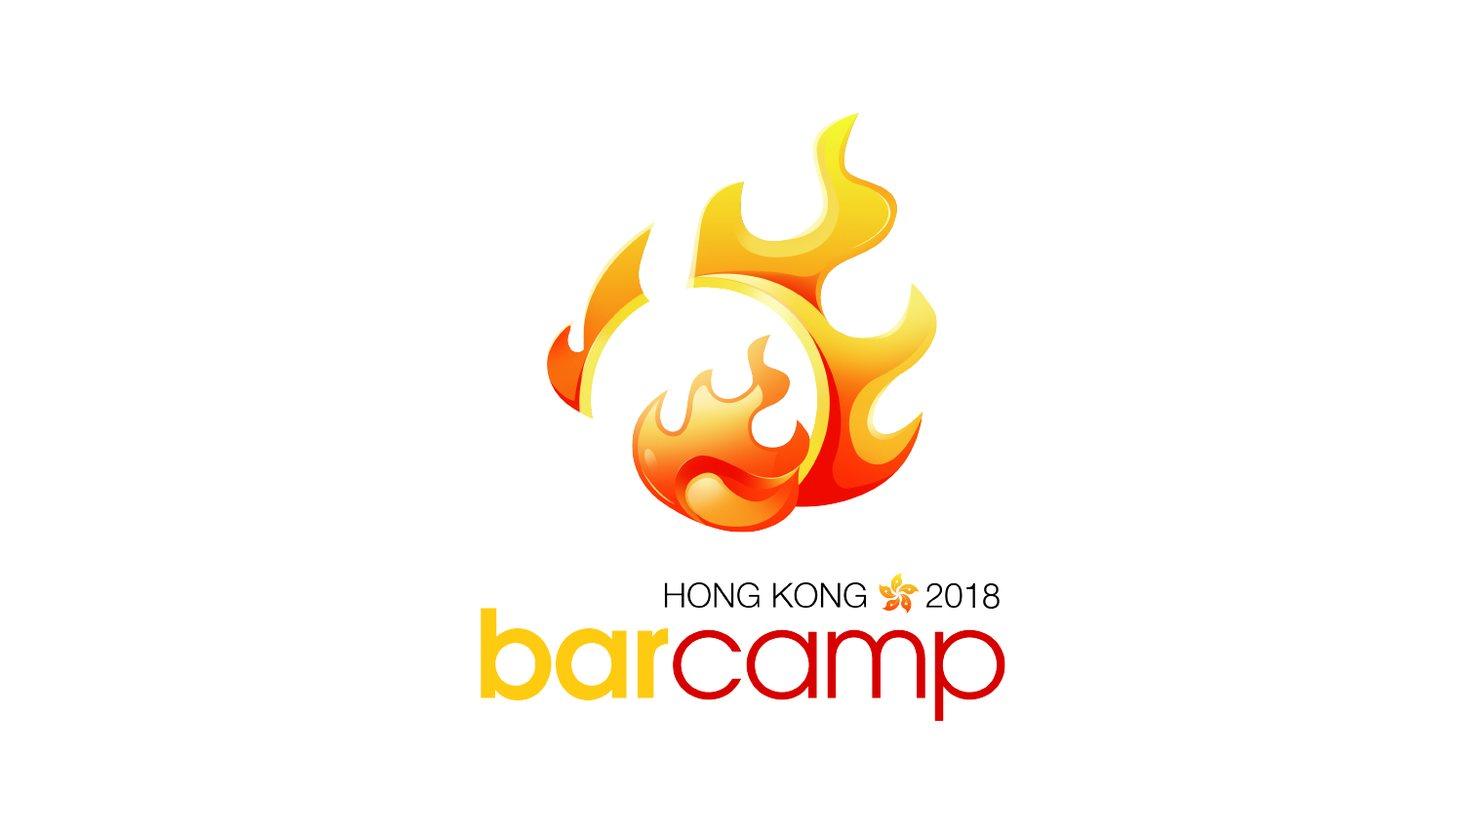 BarCampHK